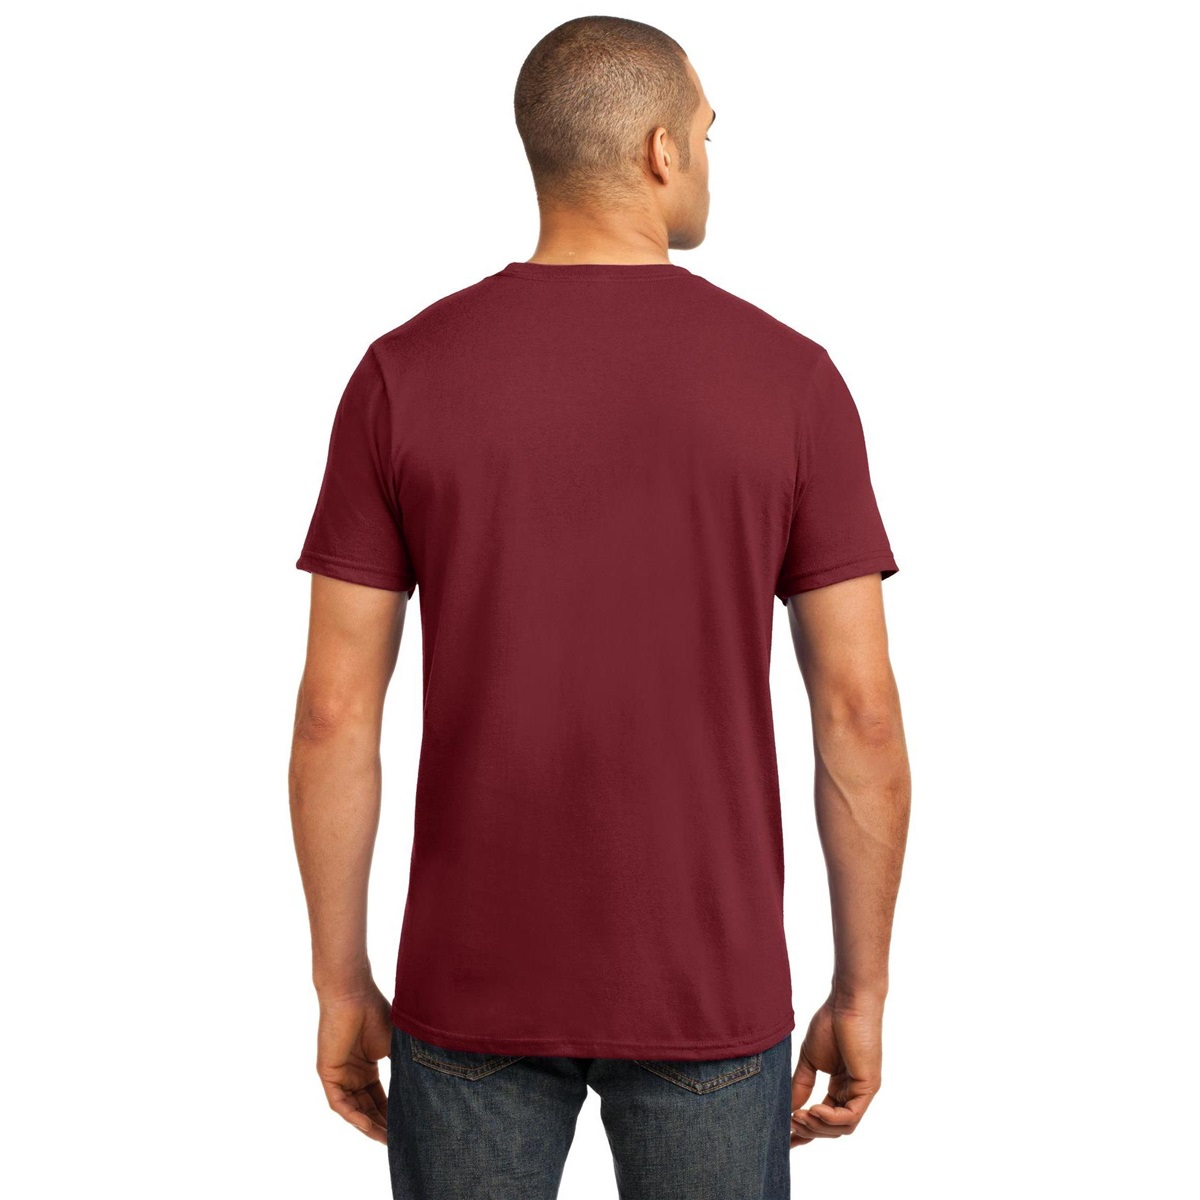 Anvil 980 100 ring spun cotton t shirt independence red for 100 ringspun cotton t shirt wholesale